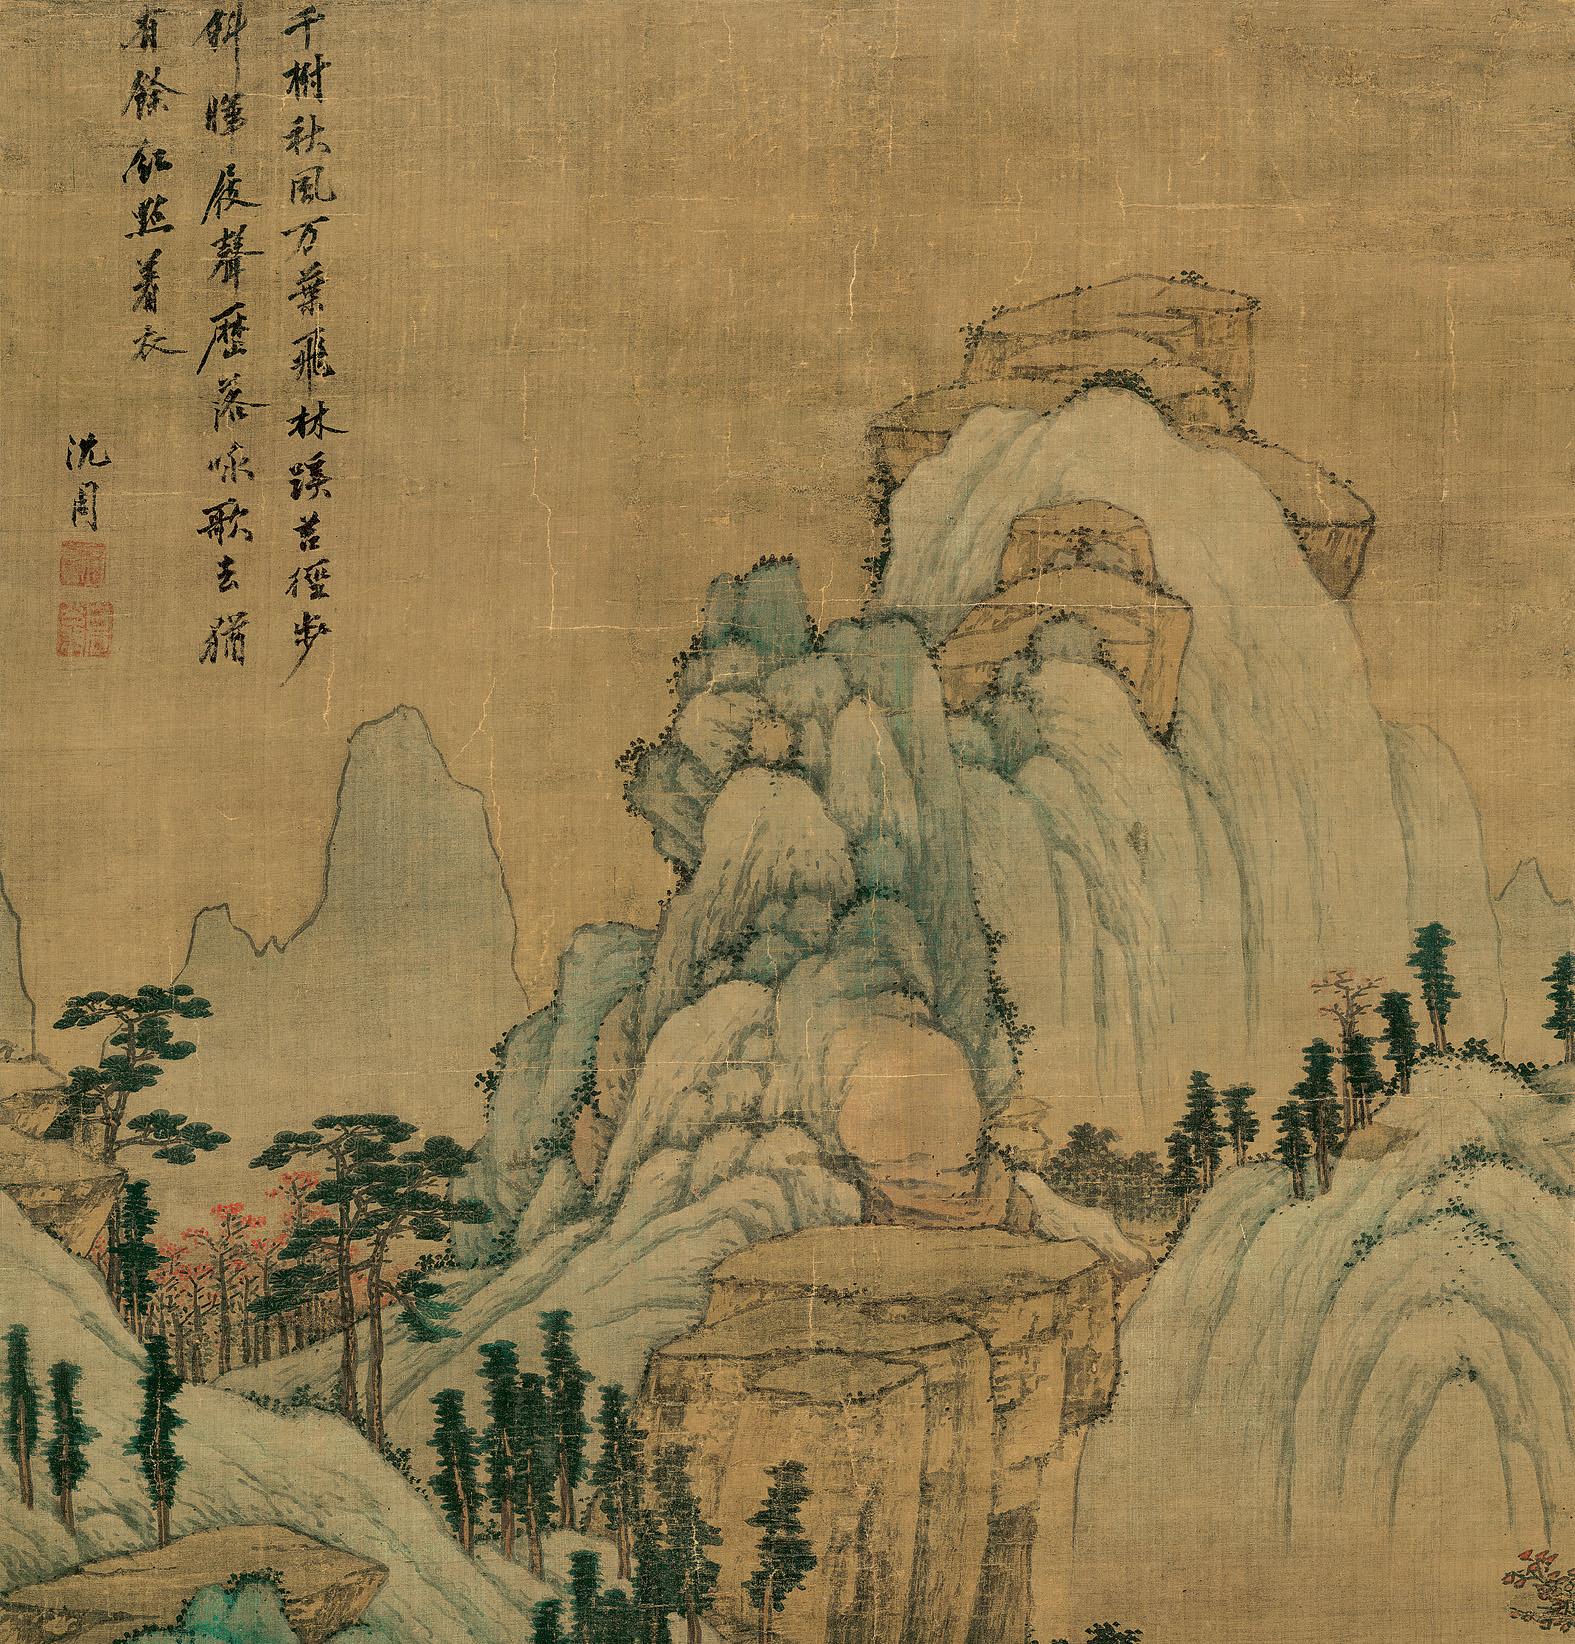 明沈周青綠山水軸掛軸卷軸山水畫名家國畫真跡復制品客廳裝飾掛畫